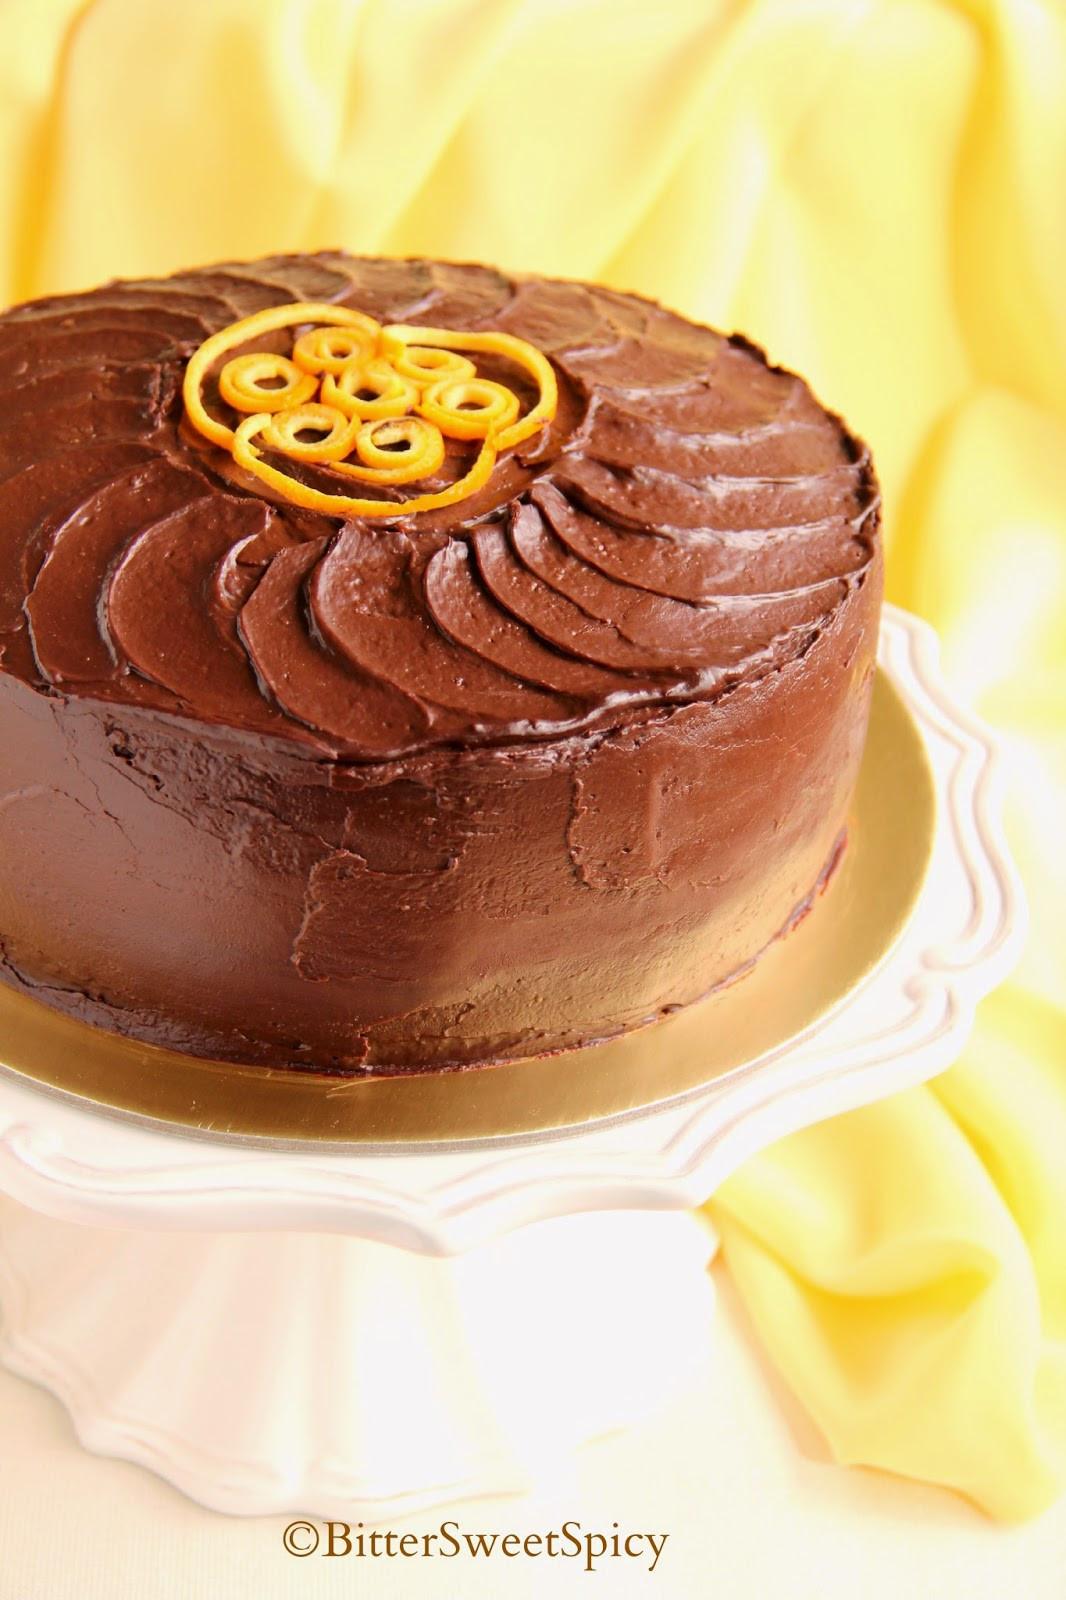 Orange Chocolate Cake  BitterSweetSpicy Dark Chocolate & Orange Cake